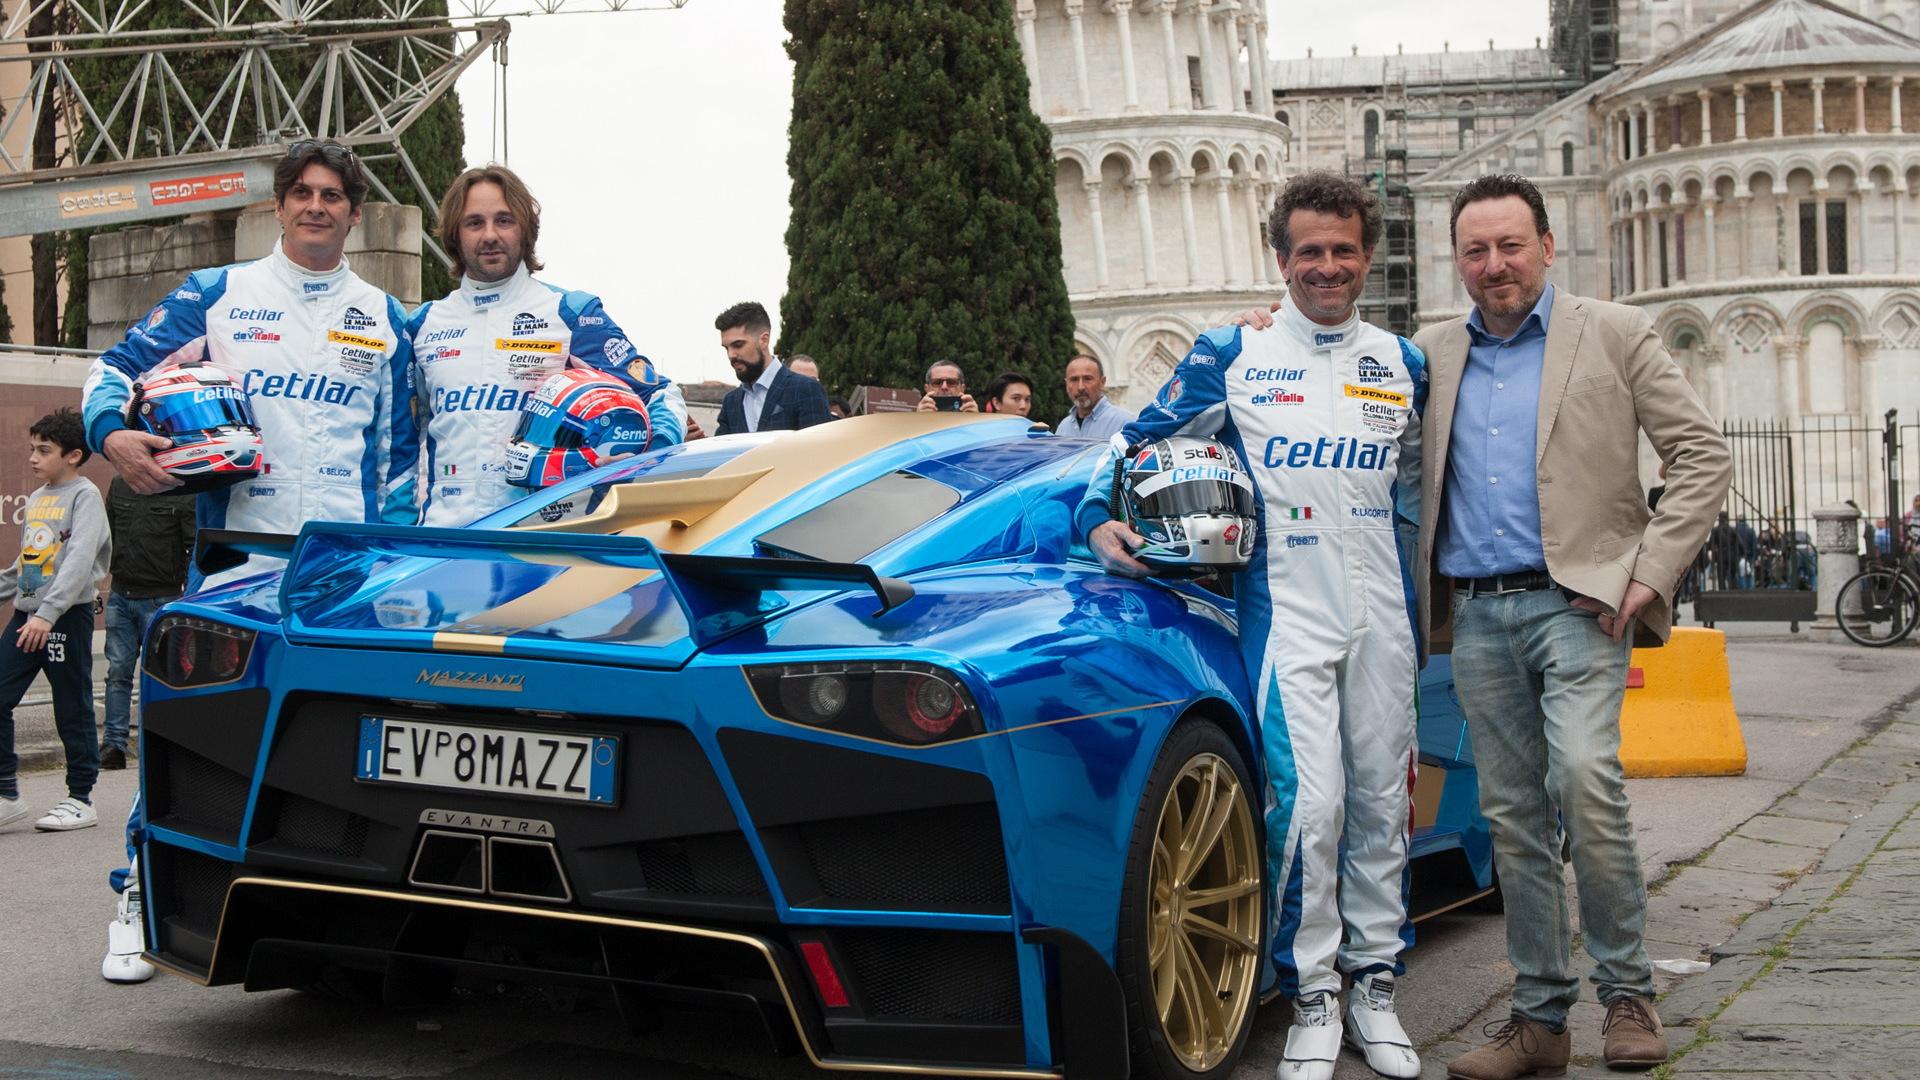 Mazzanti named technical partner for Cetilar Villorba Corse racing team